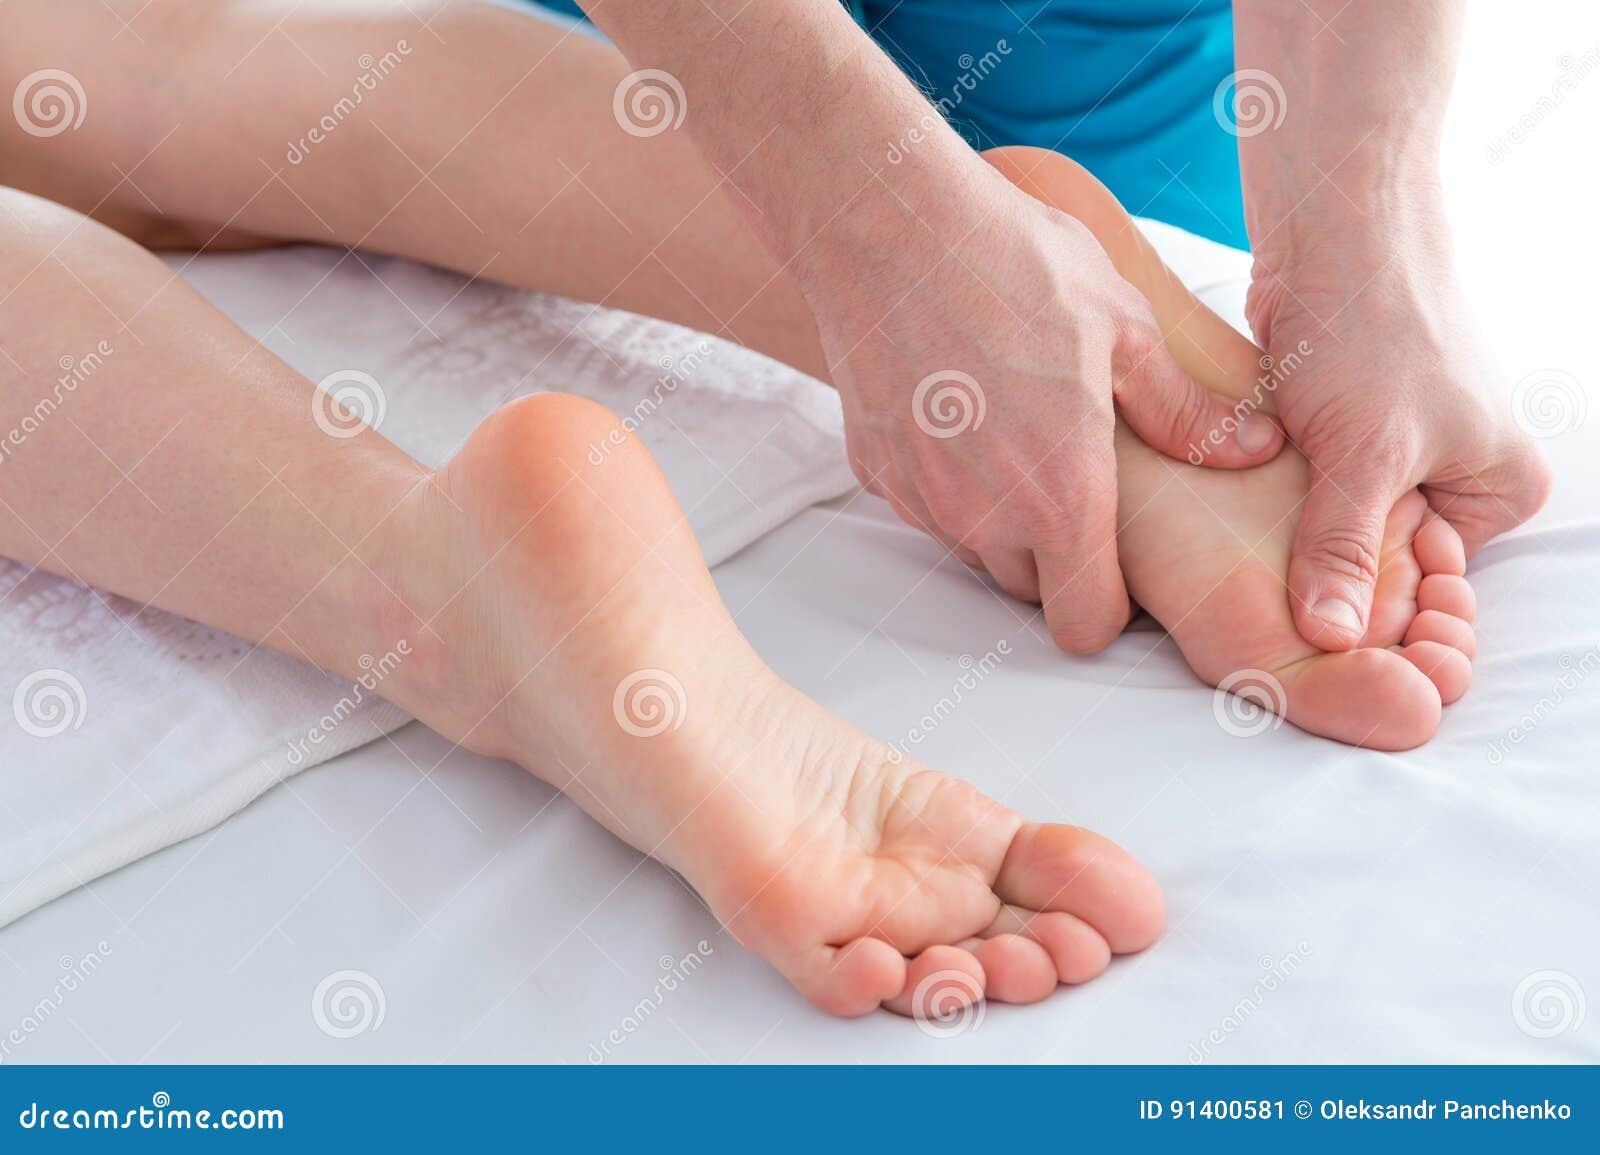 Pied et jambes massage, thérapie alternative, tir de studio de plan rapproché